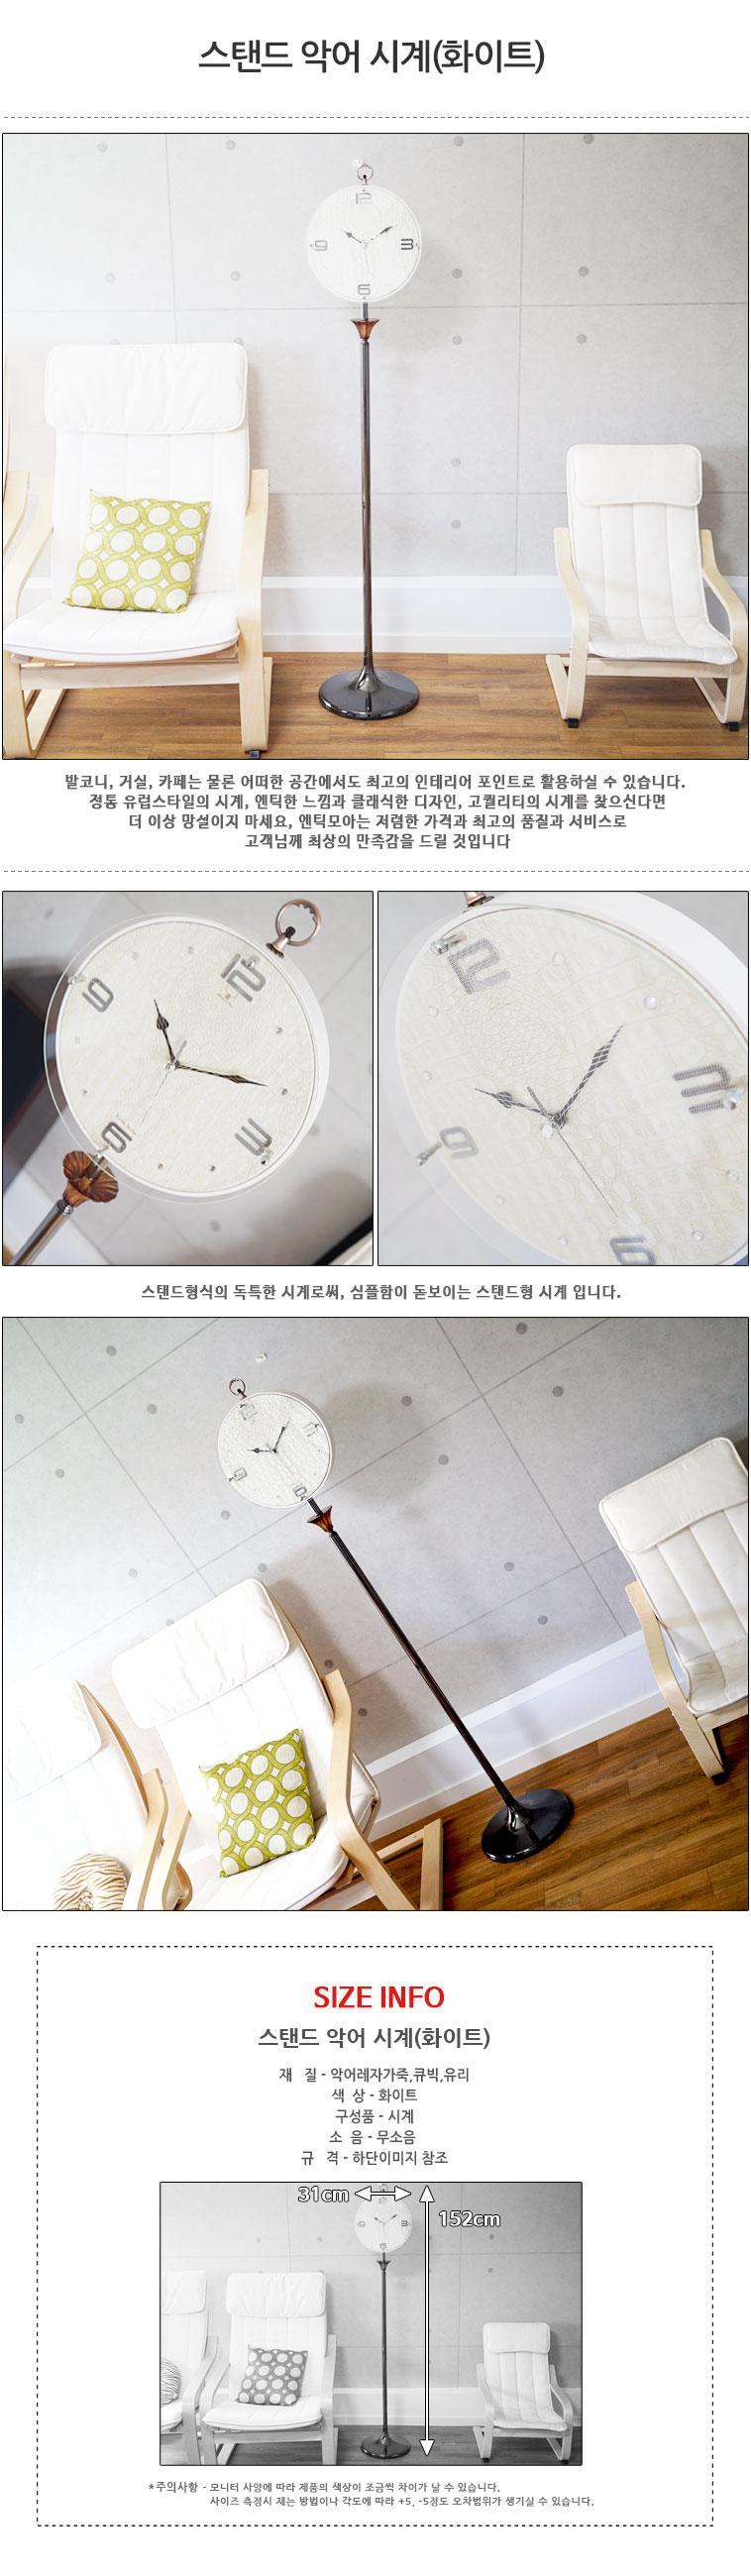 스탠드 악어 시계(2color)180,000원-데코플러스인테리어, 시계, 벽시계, 양면/스탠딩벽시계바보사랑스탠드 악어 시계(2color)180,000원-데코플러스인테리어, 시계, 벽시계, 양면/스탠딩벽시계바보사랑